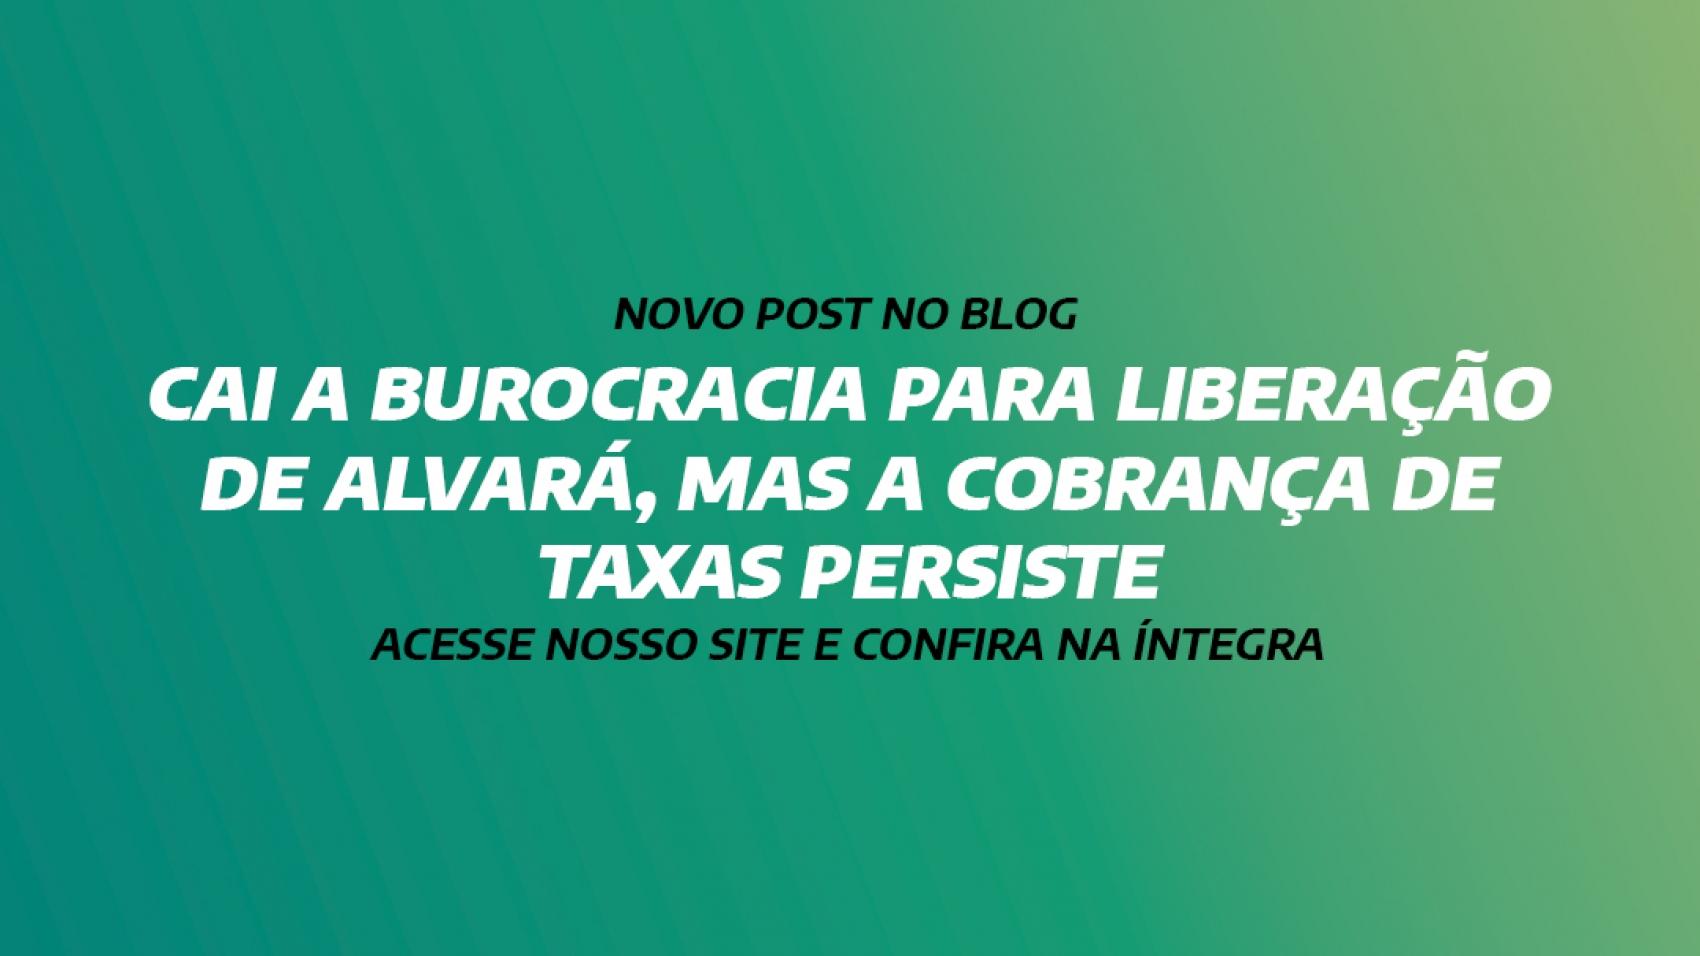 CONFIRA MAIS UMA ENTREVISTA DO PRESIDENTE DA ACOMASUL, ADÃO CASTILHO, AO SBT